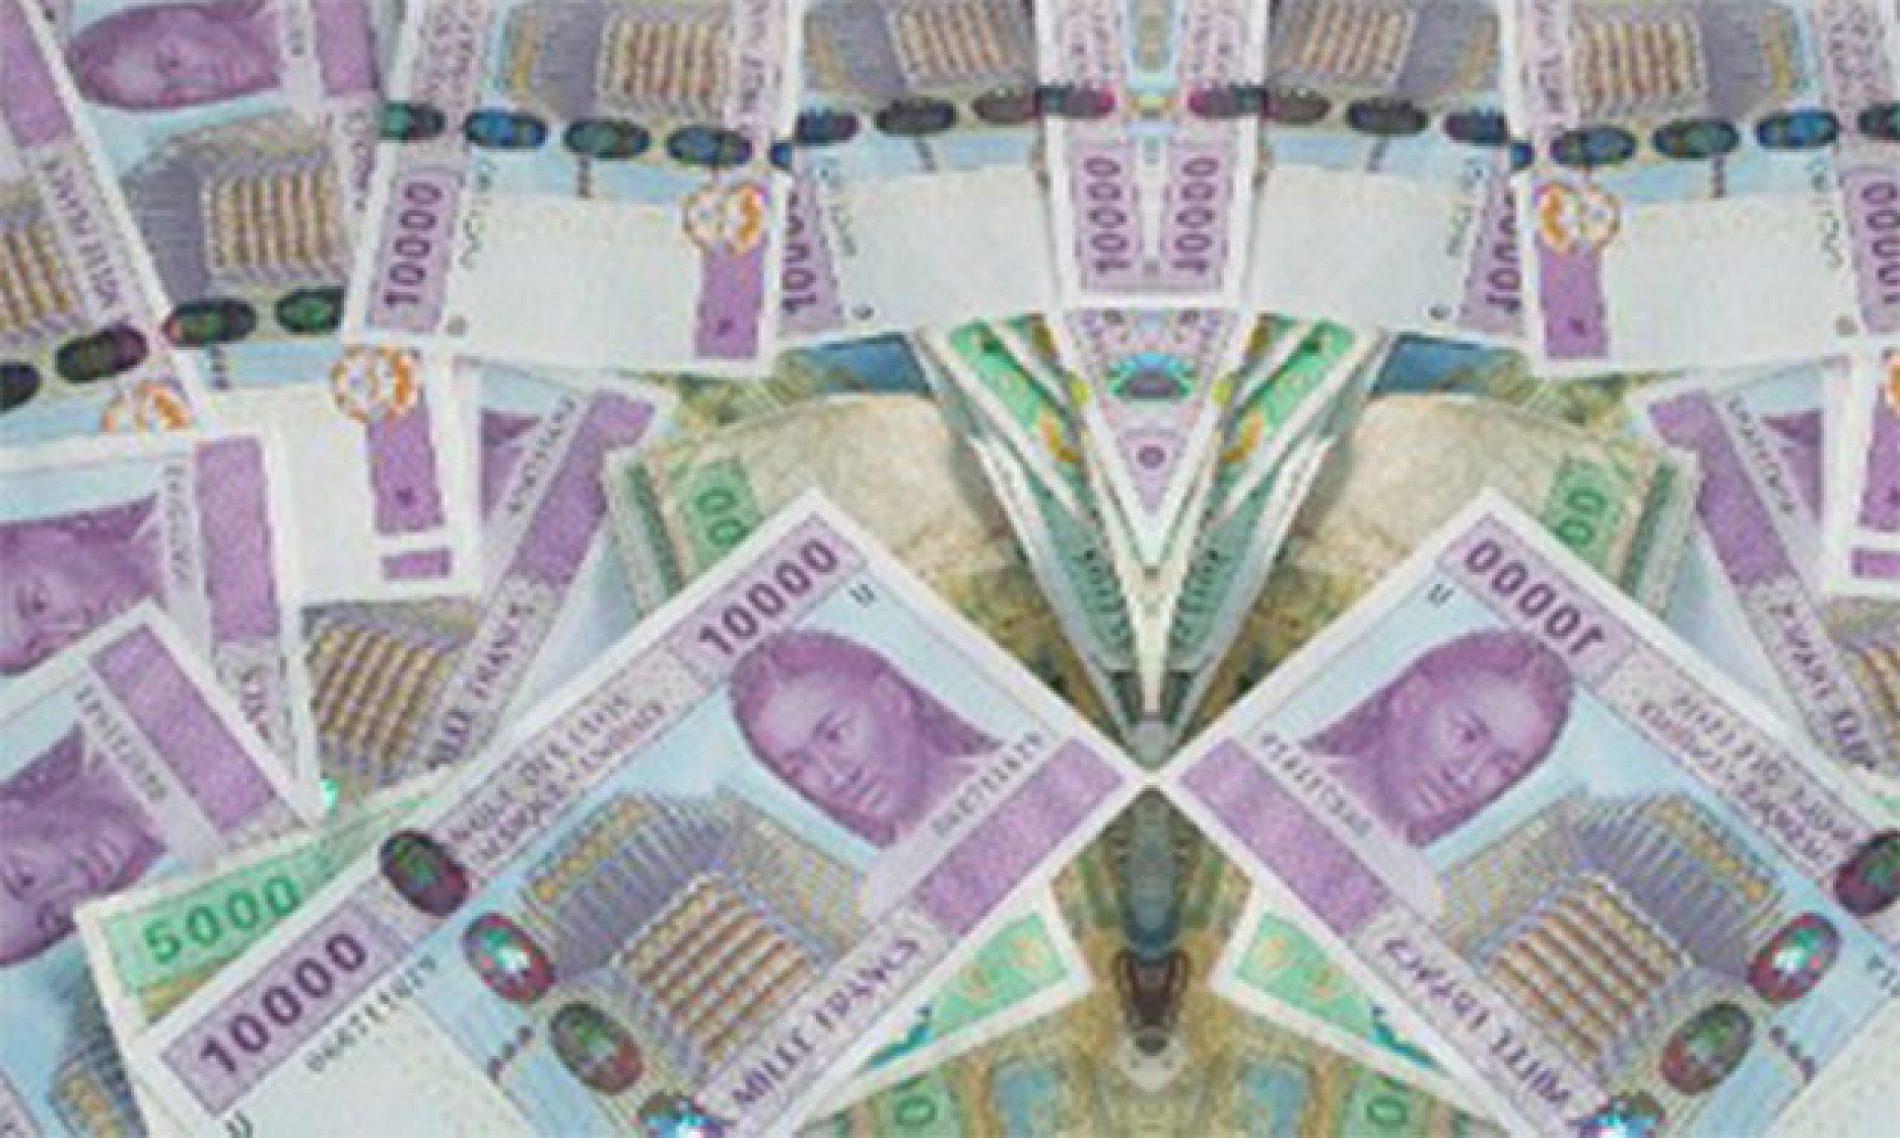 NDELELE: Plus de 713 millions FCFA attendus en 2015